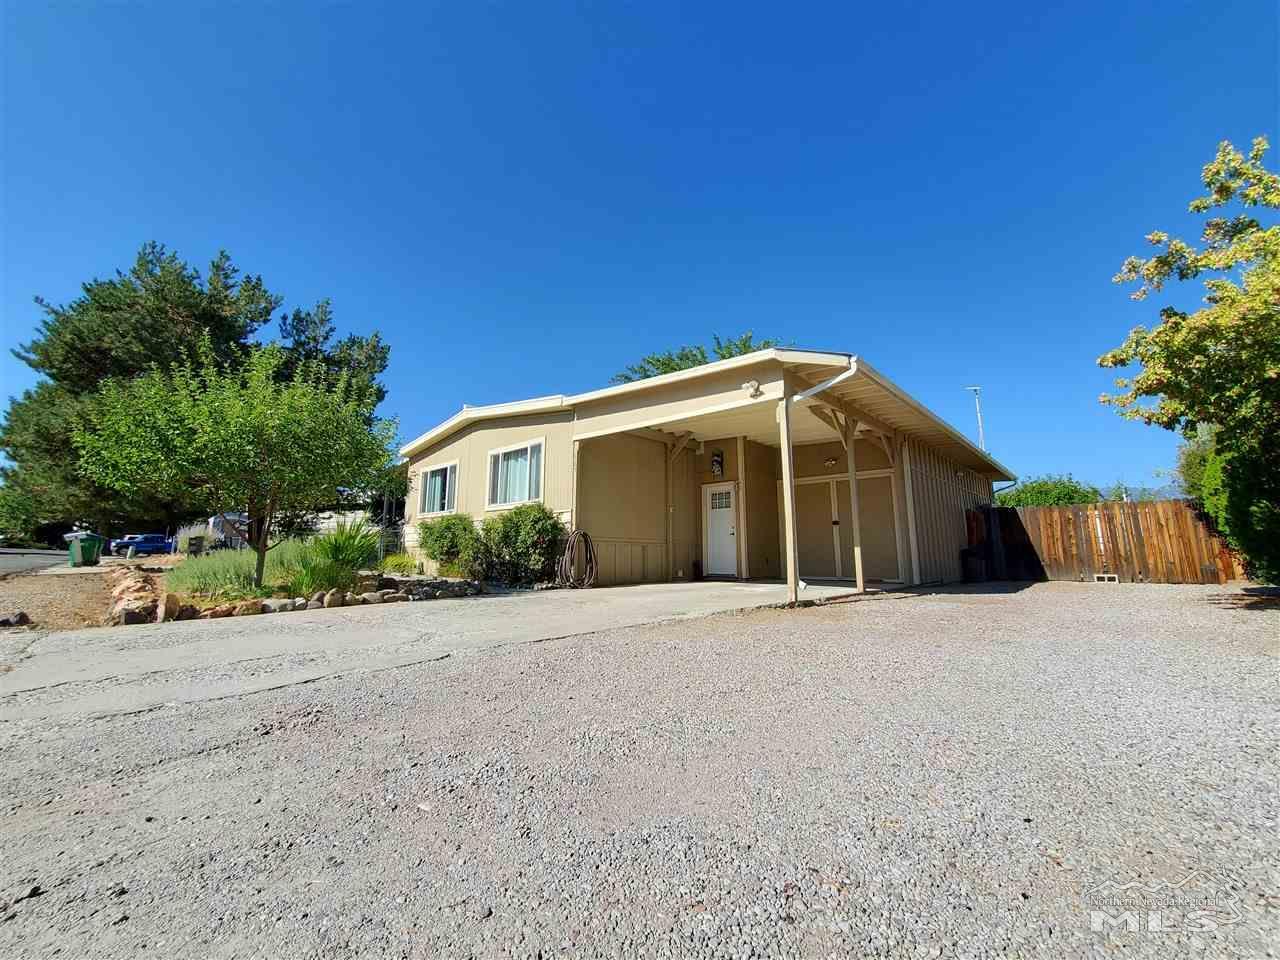 Image for 185 Aries Circle, Reno, NV 89521